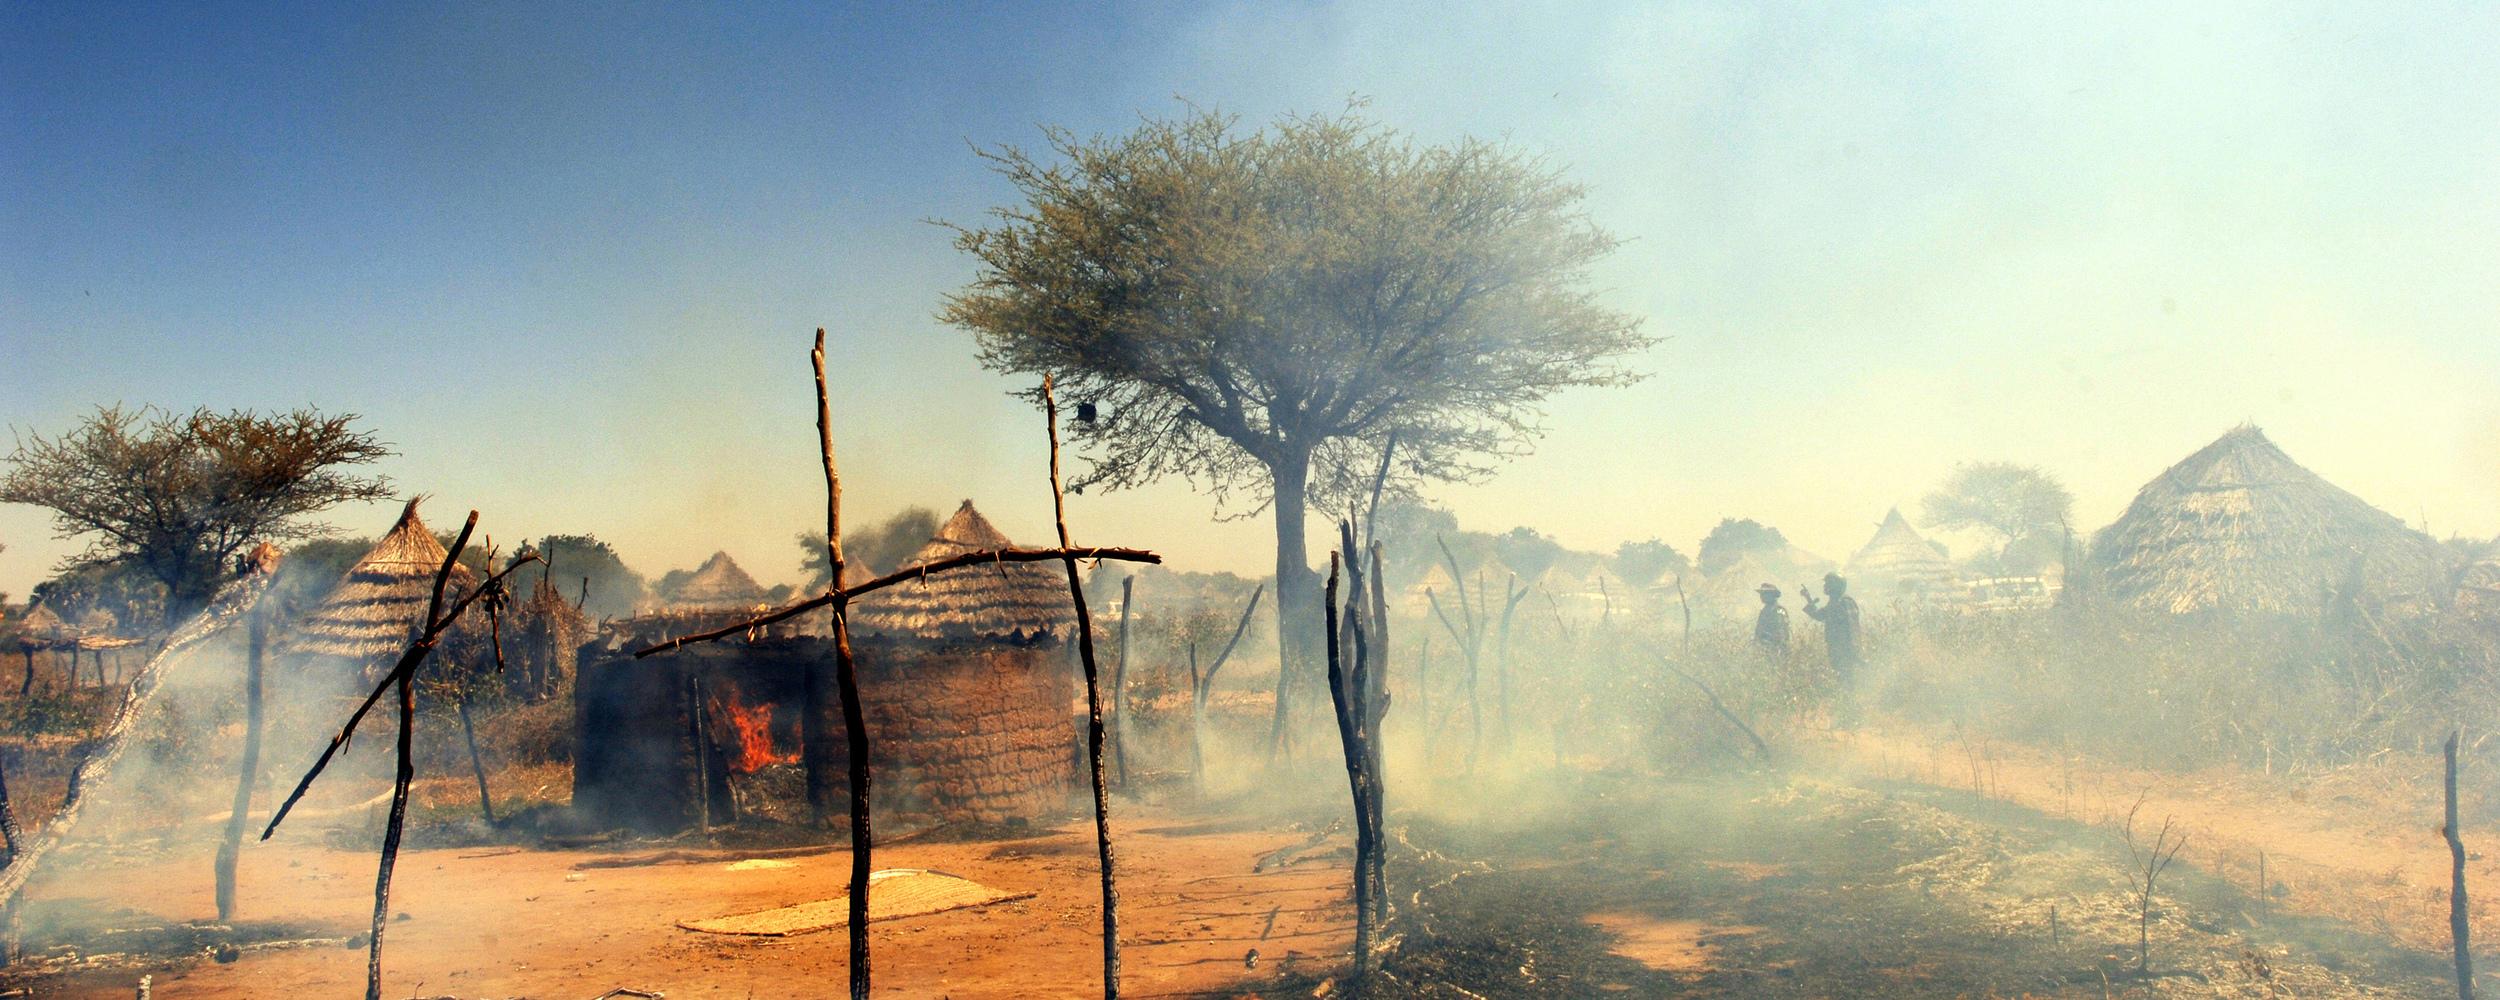 Darfur_LynseyAddario_01.jpg